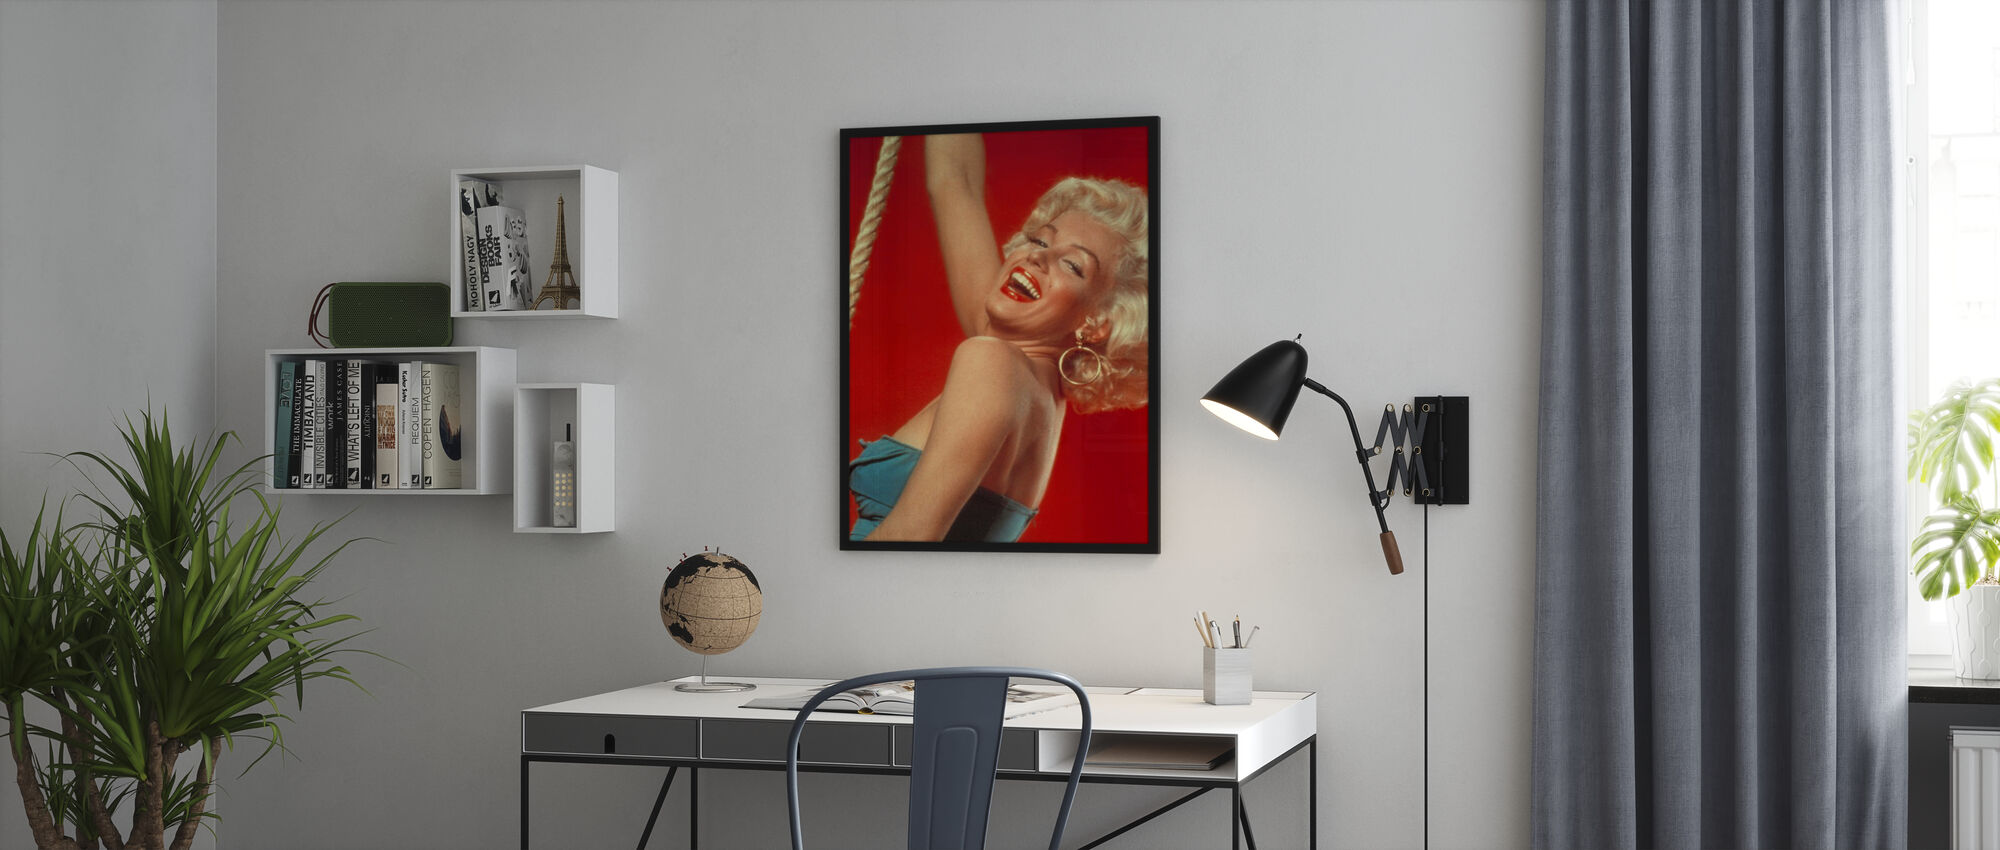 Legandary Blonde - Poster - Office